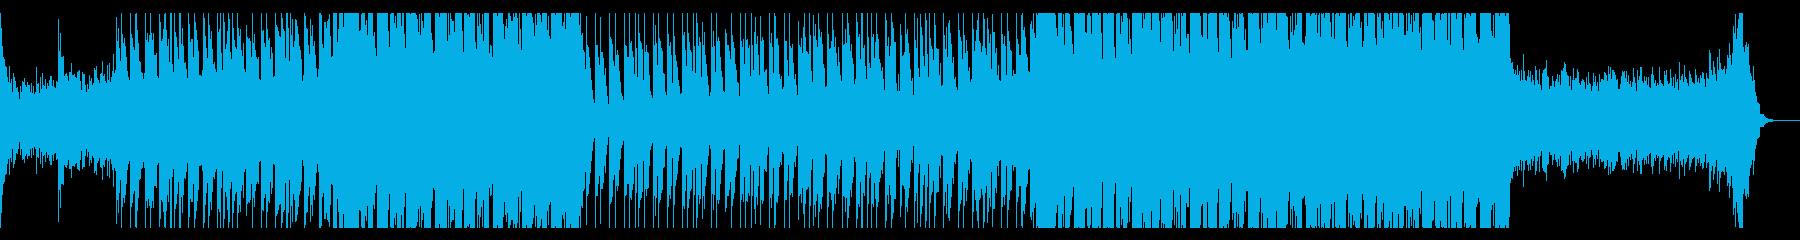 金属音のトレーラー向けインダストリアル曲の再生済みの波形